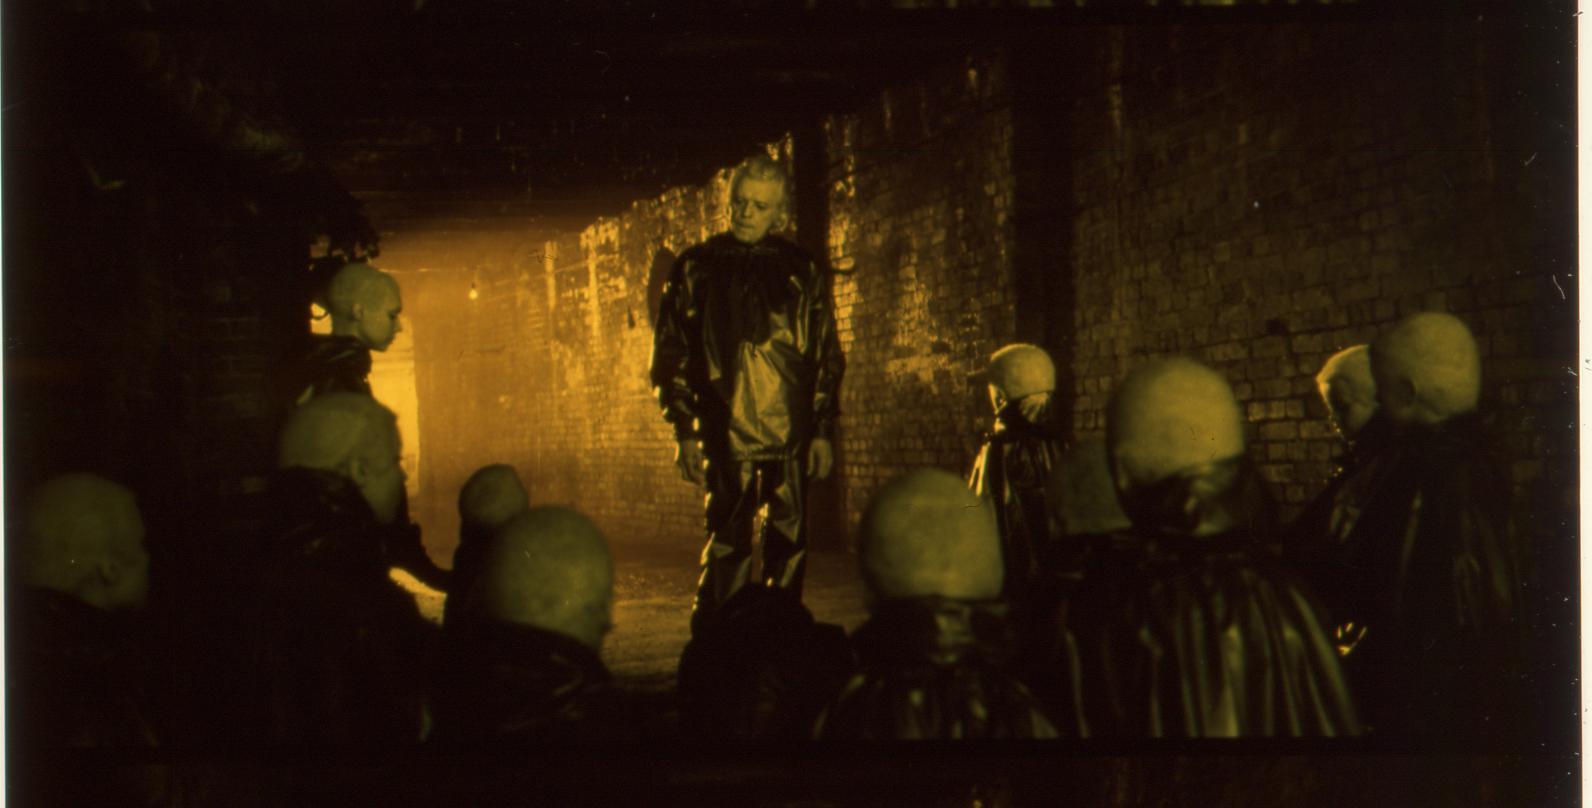 Кадр из фильма Через тернии к звёздам, 1980 год (05)